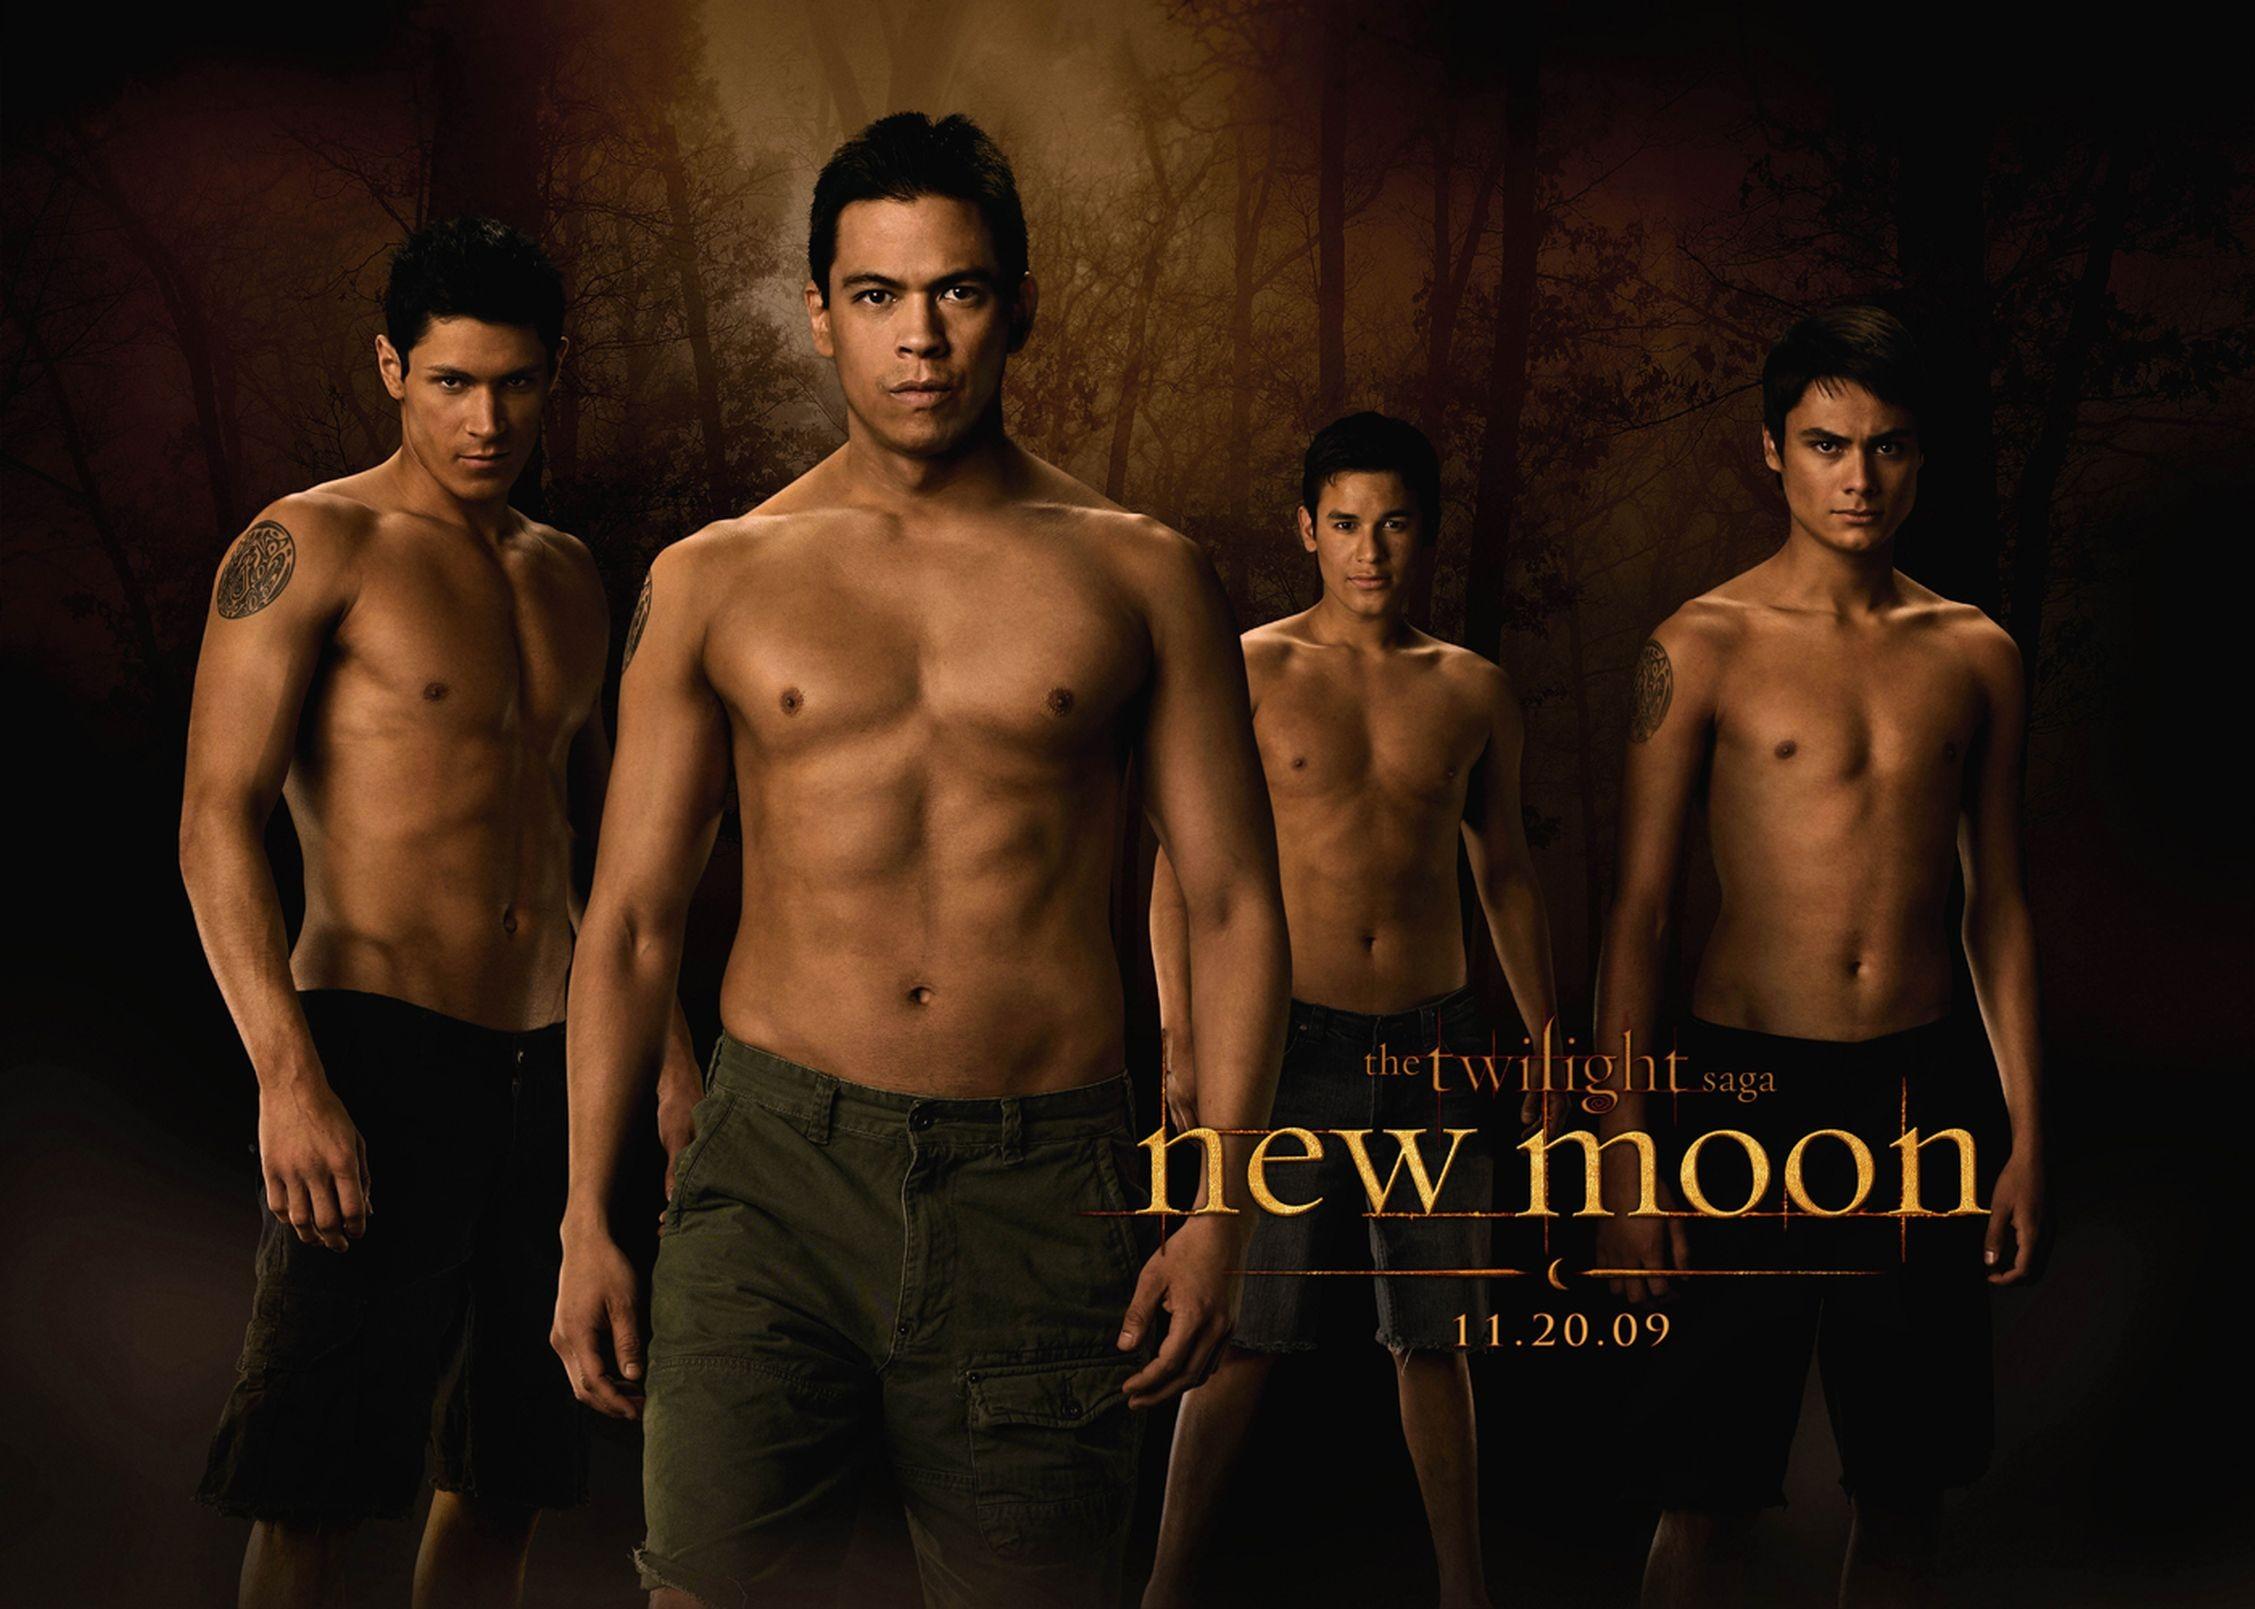 Un wallpaper dei licantropi di New Moon: Chaske Spencer, Alex Meraz, Kiowa Gordon e Bronson Pelletier